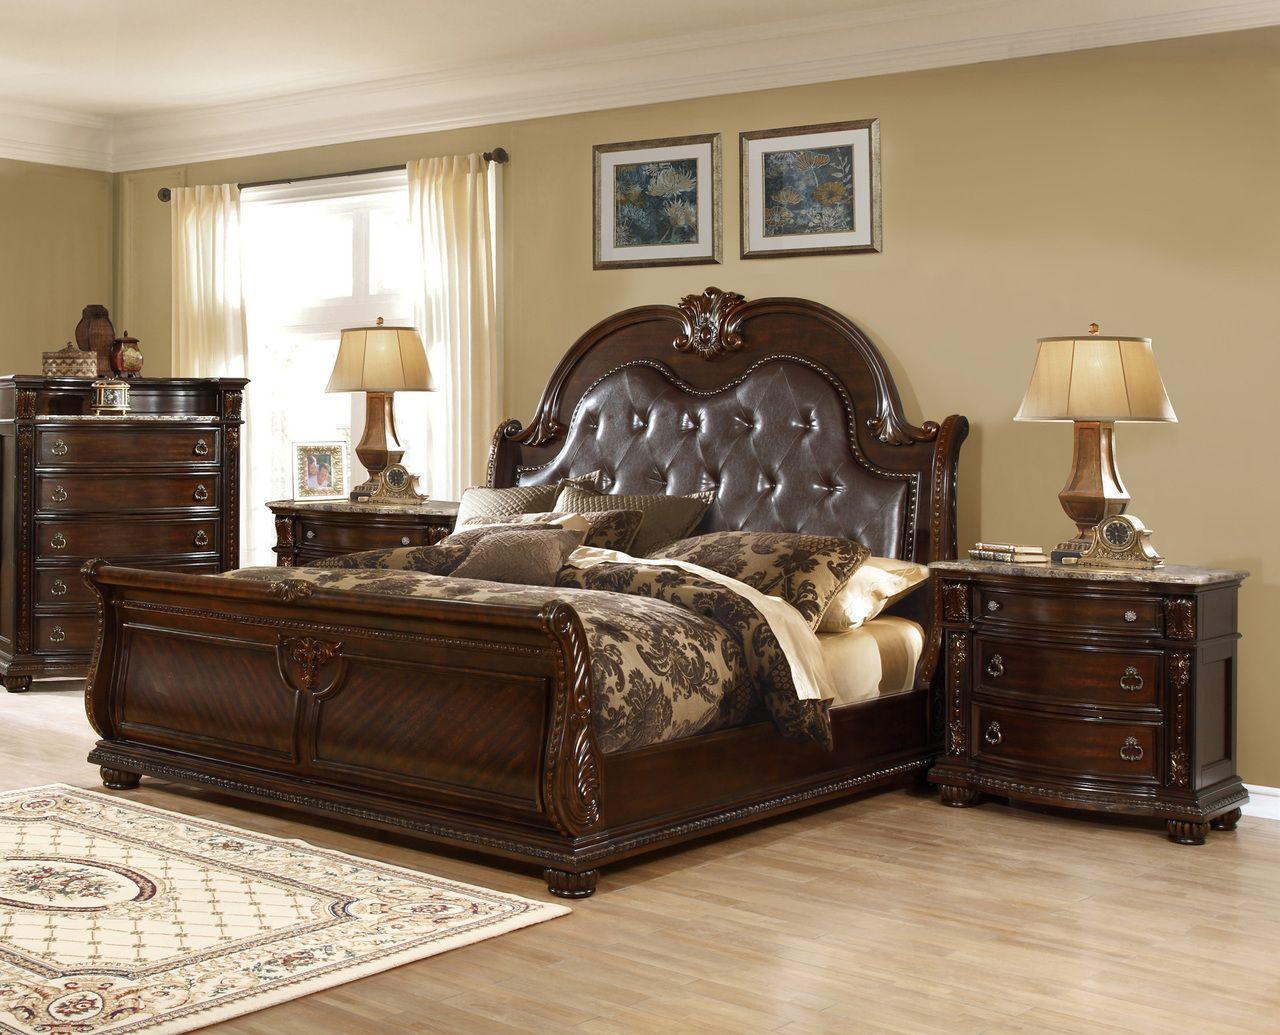 Amesville 4 Pc Walnut Brown Sleigh Bedroom Set Tuscan Bedroom Bedroom Set Sleigh Bedroom Set